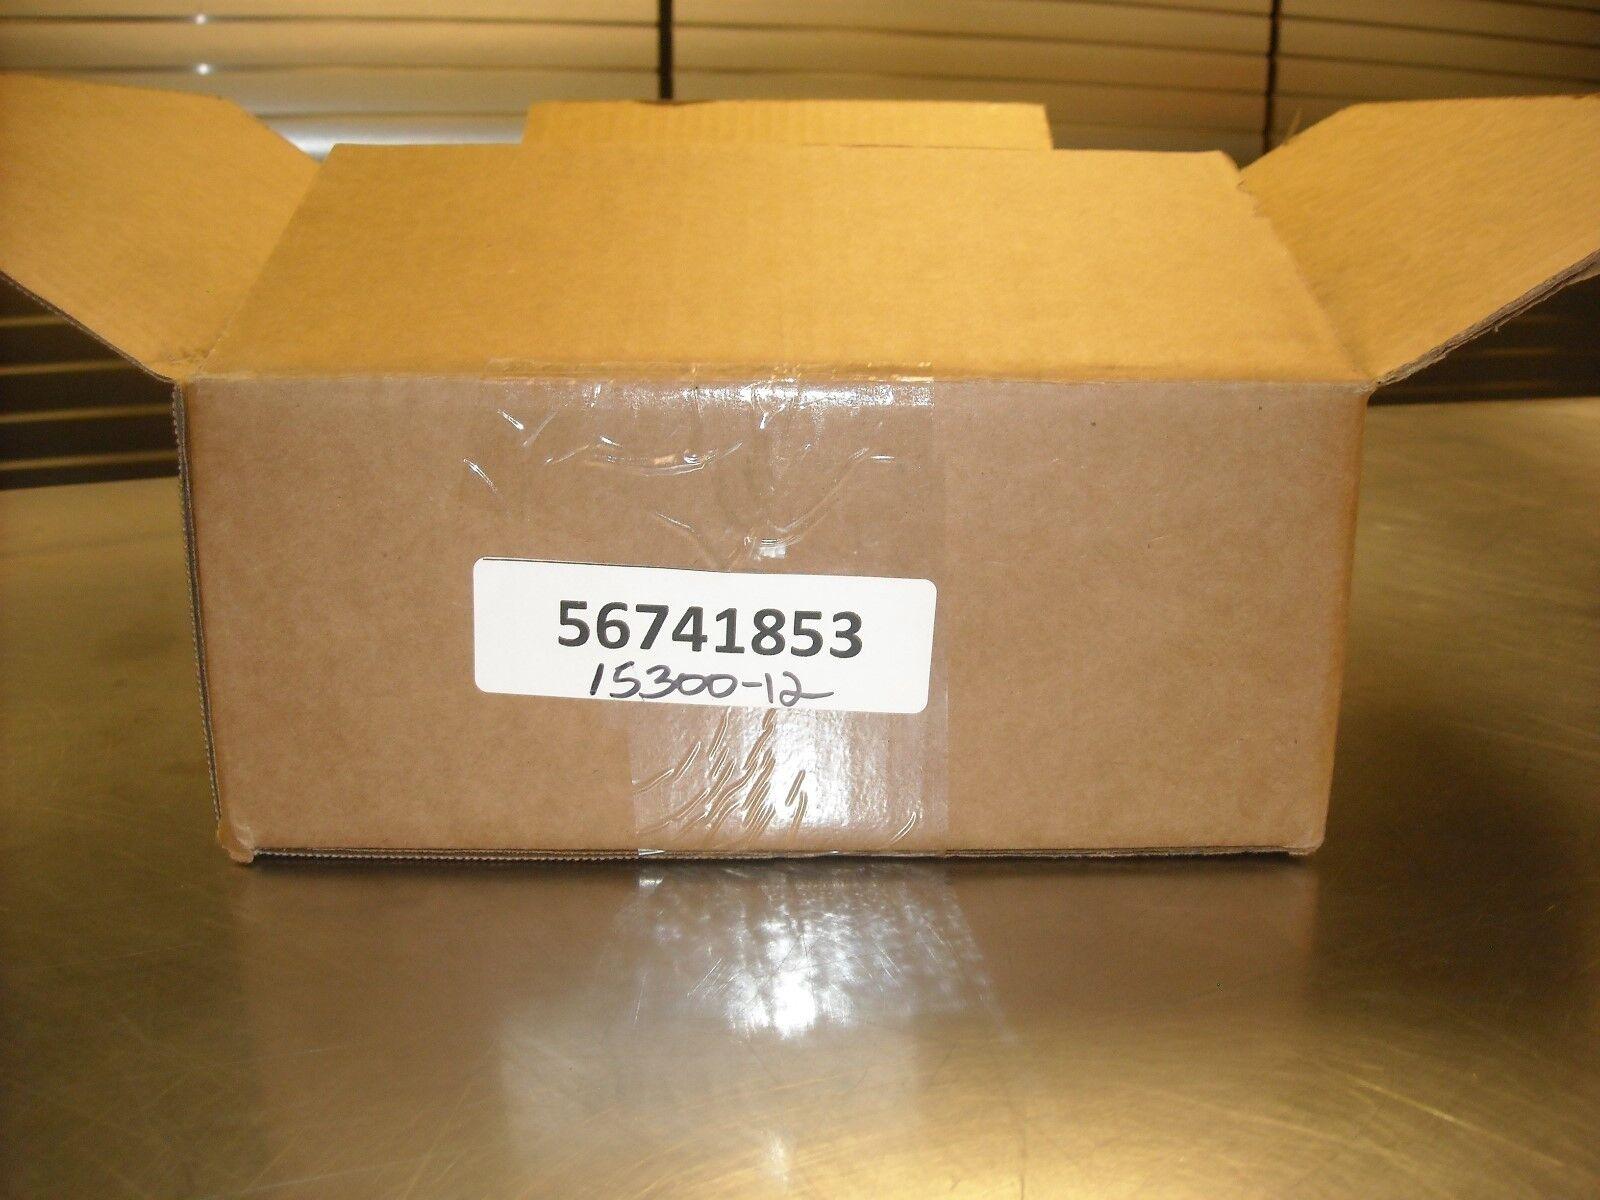 15300-12, Ingersoll Rand Zimmerman, Control Kit-ZA-12'-Standard, 56741853 New